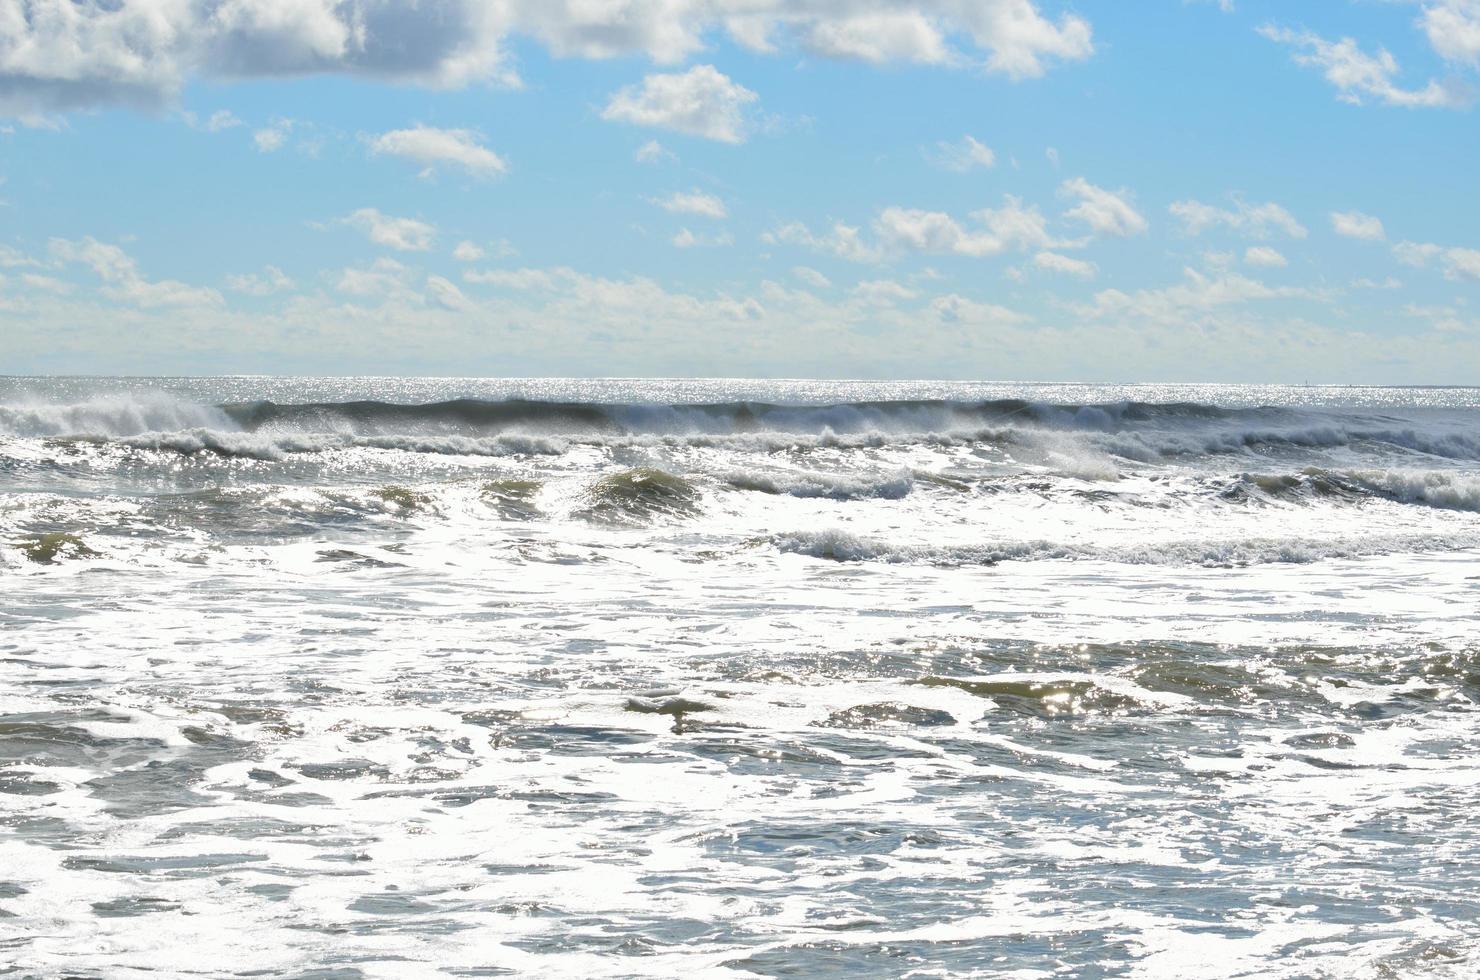 Ocean waves in summer photo